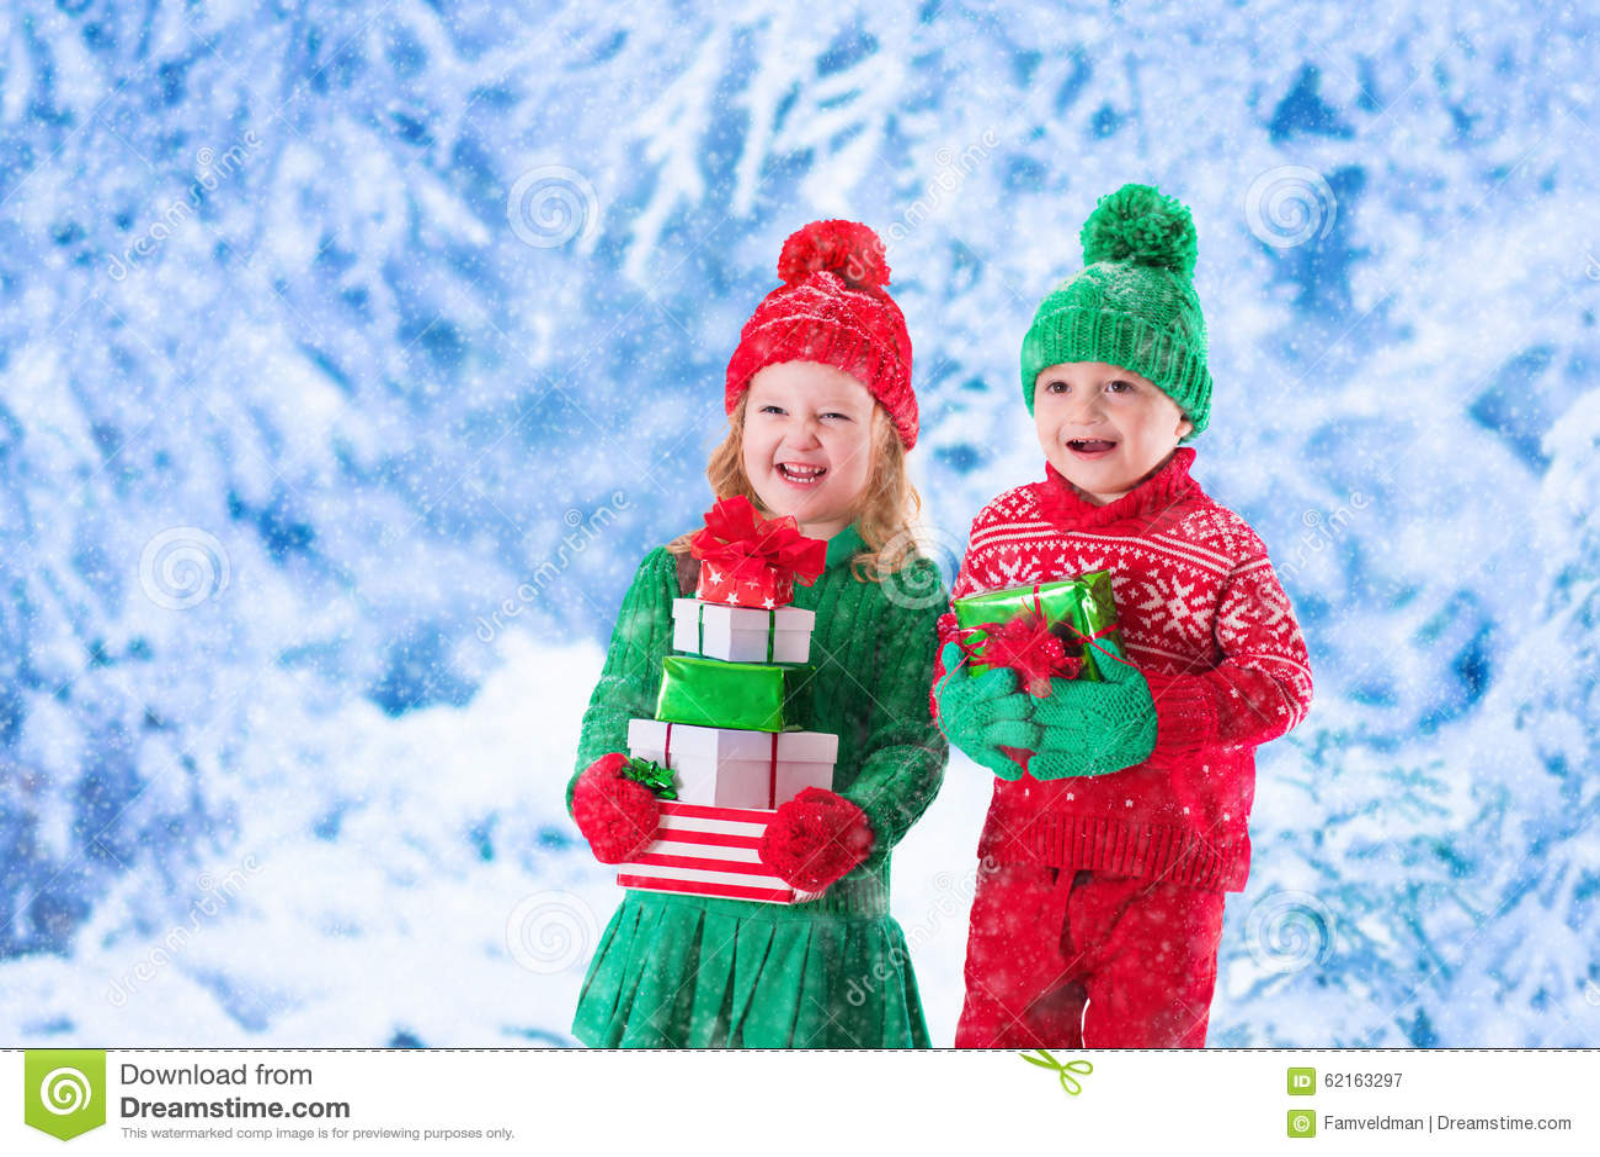 Toddler Girl Christmas Gifts